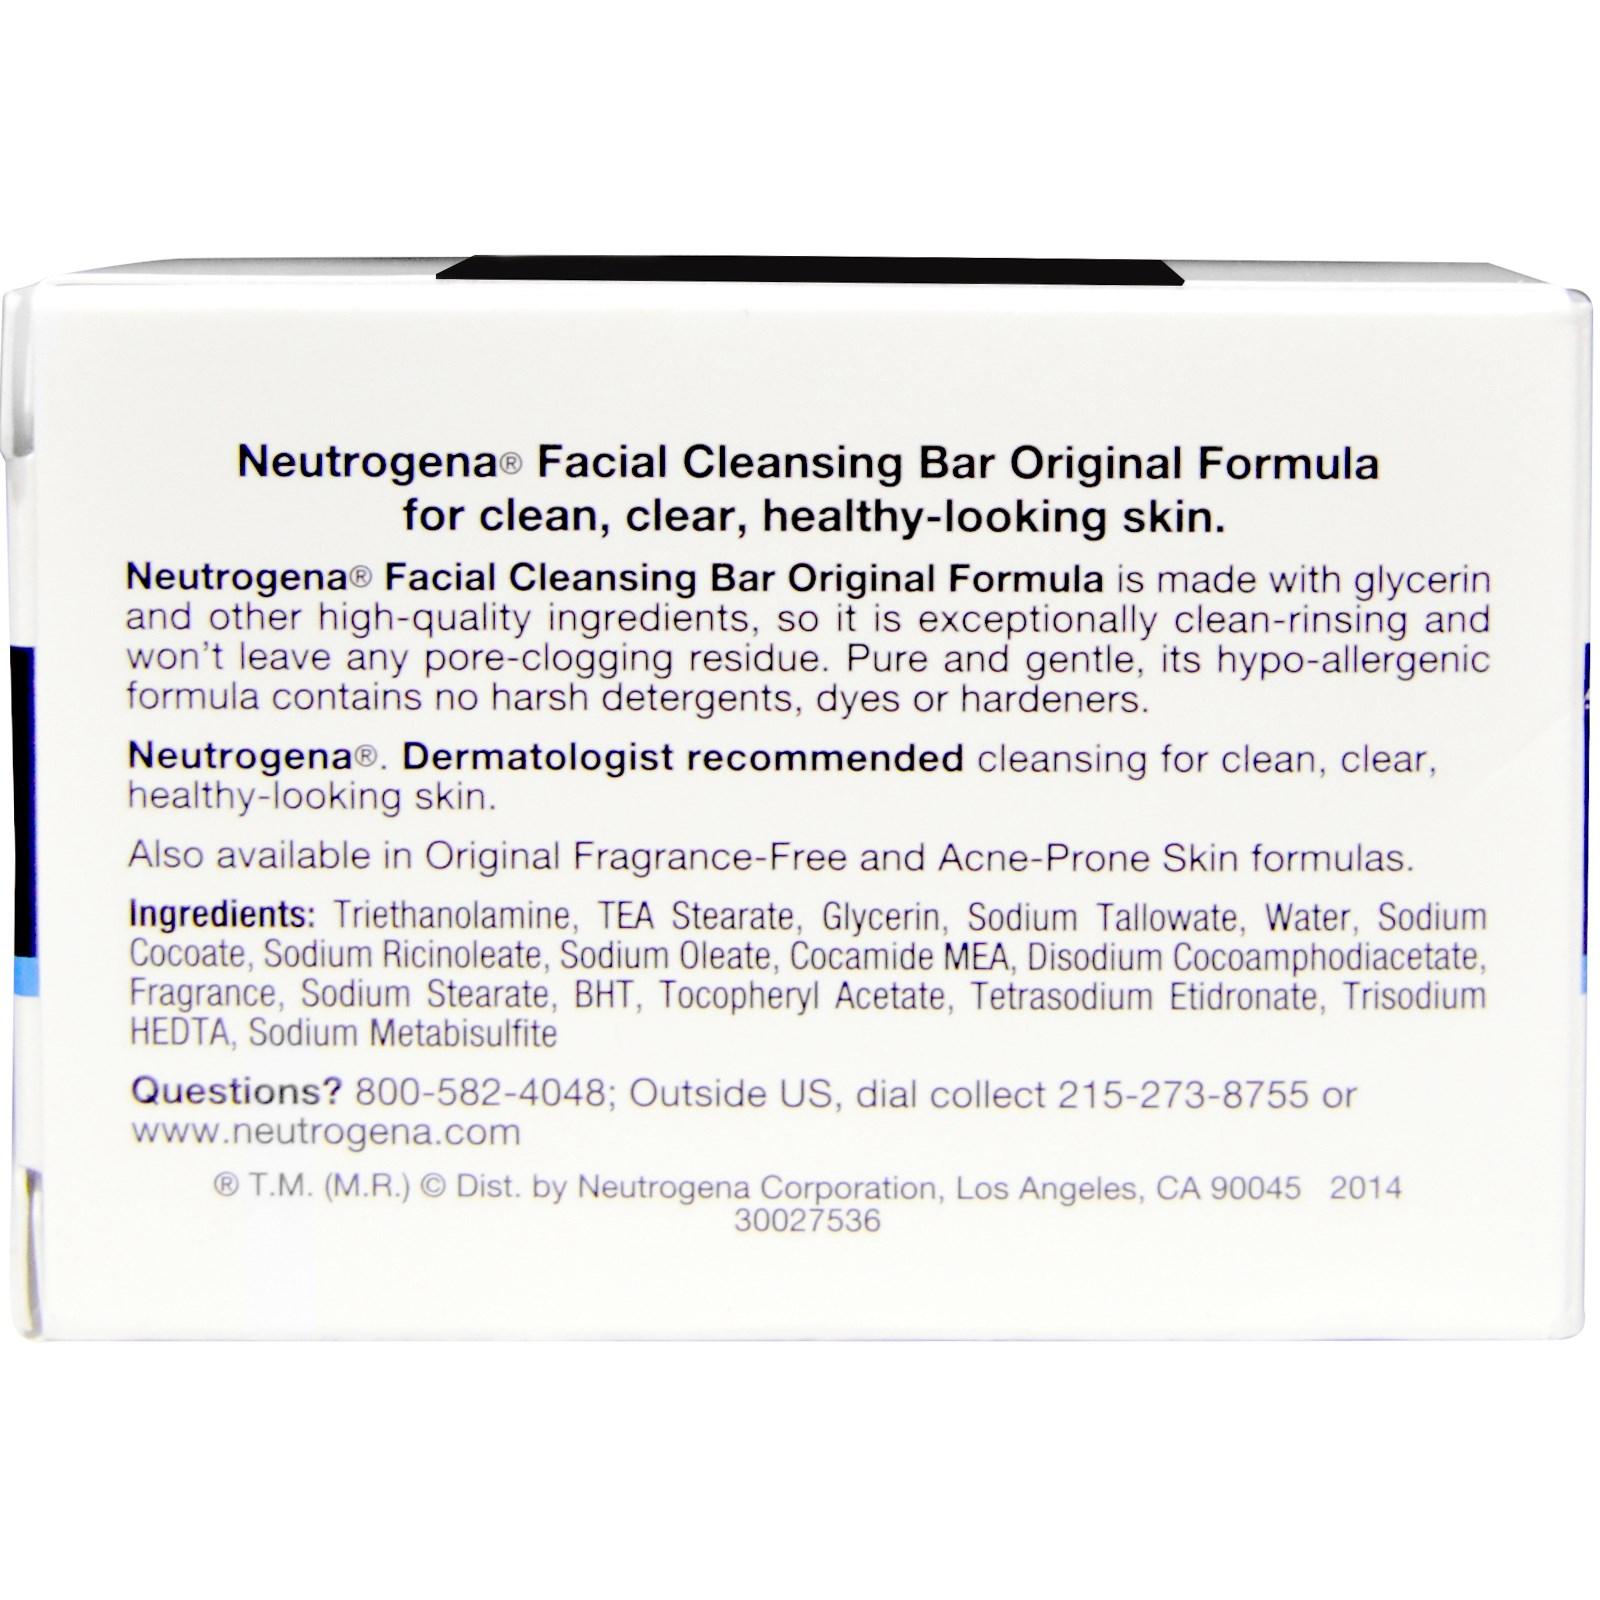 Neutrogena facial bar ingredients apologise